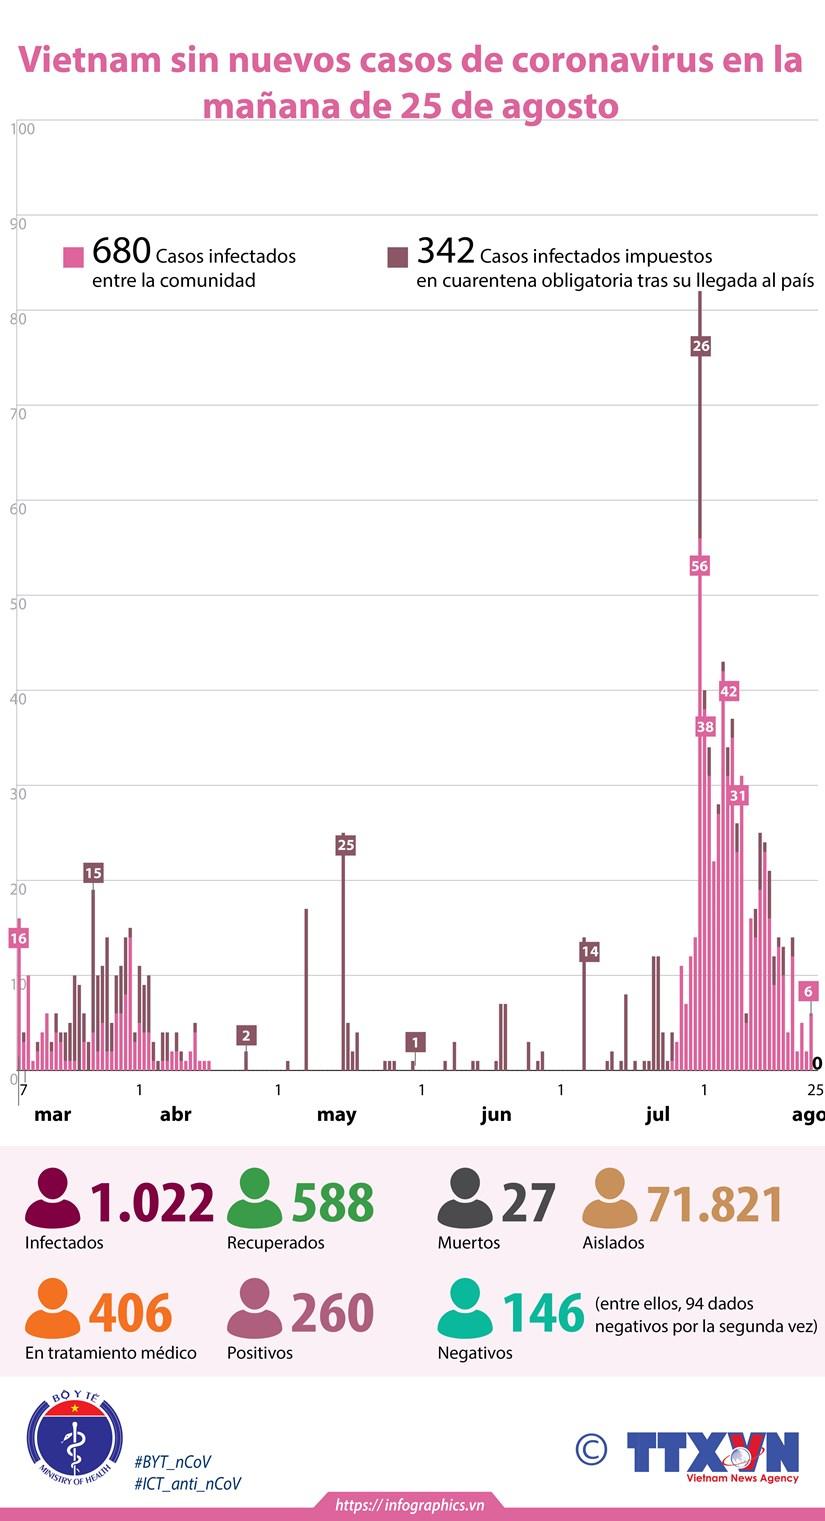 [Info] Vietnam sin nuevos casos de coronavirus en la manana de 25 de agosto hinh anh 1